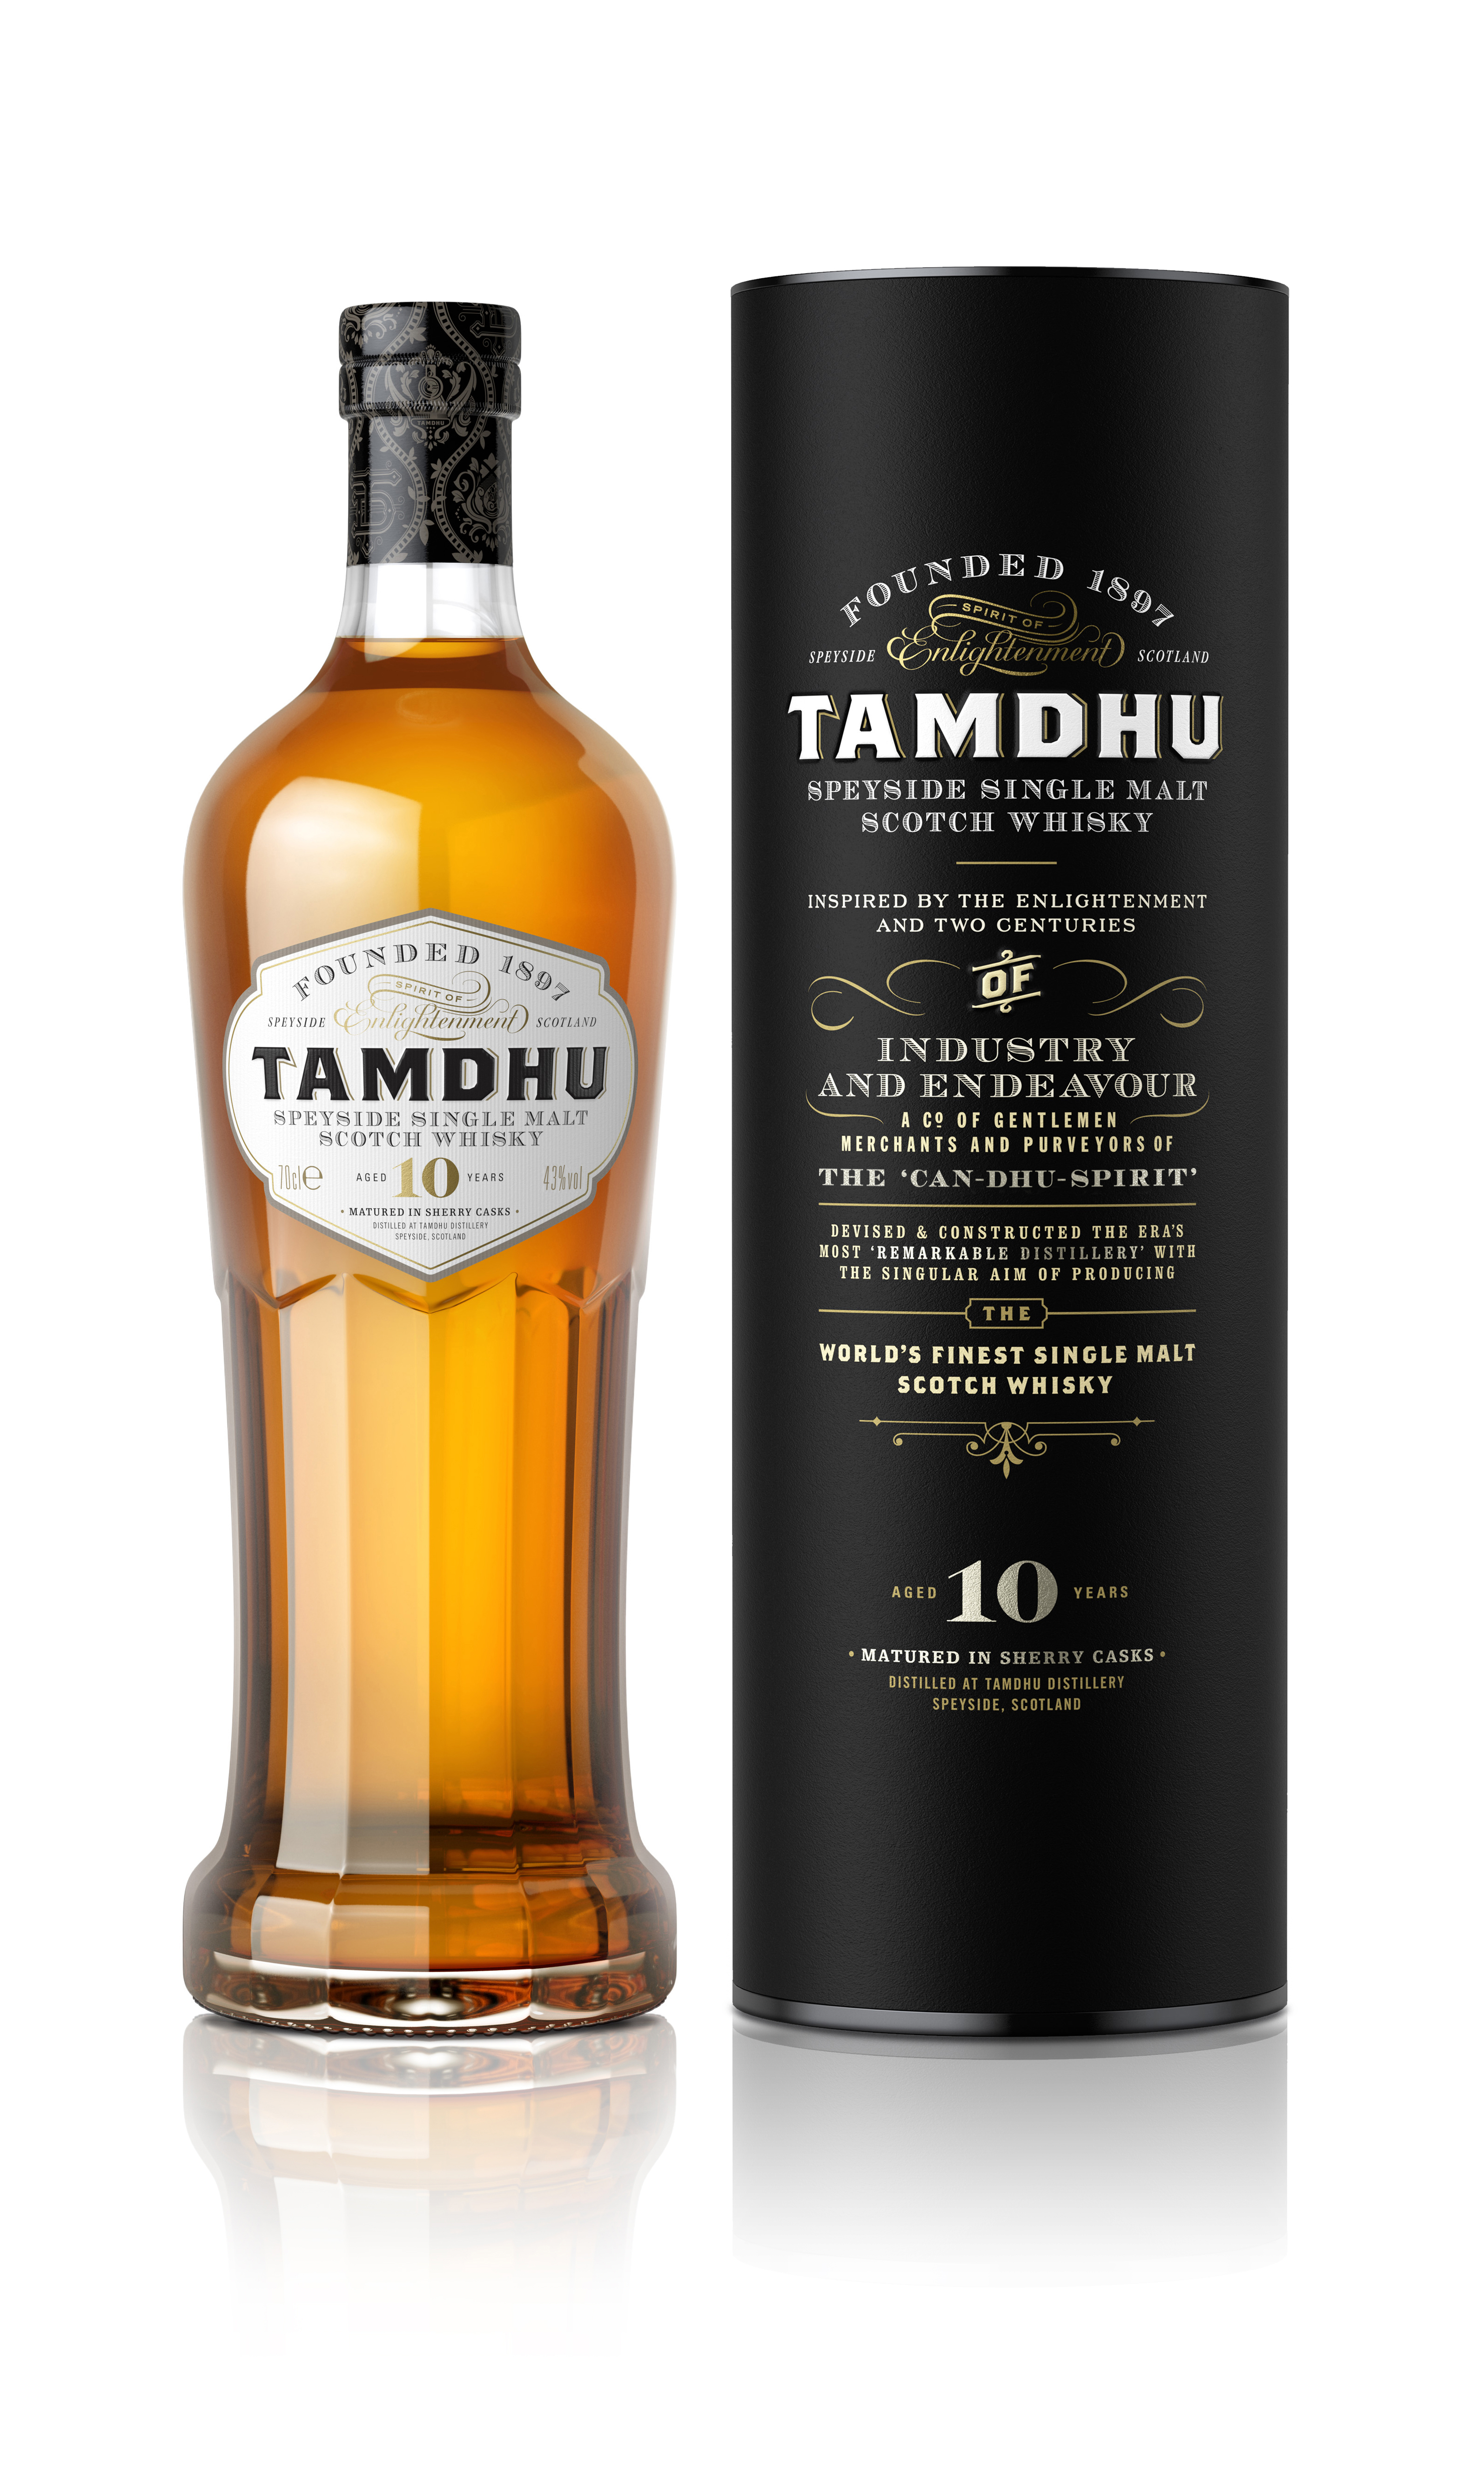 Whiskyflaska sald for fyra miljoner